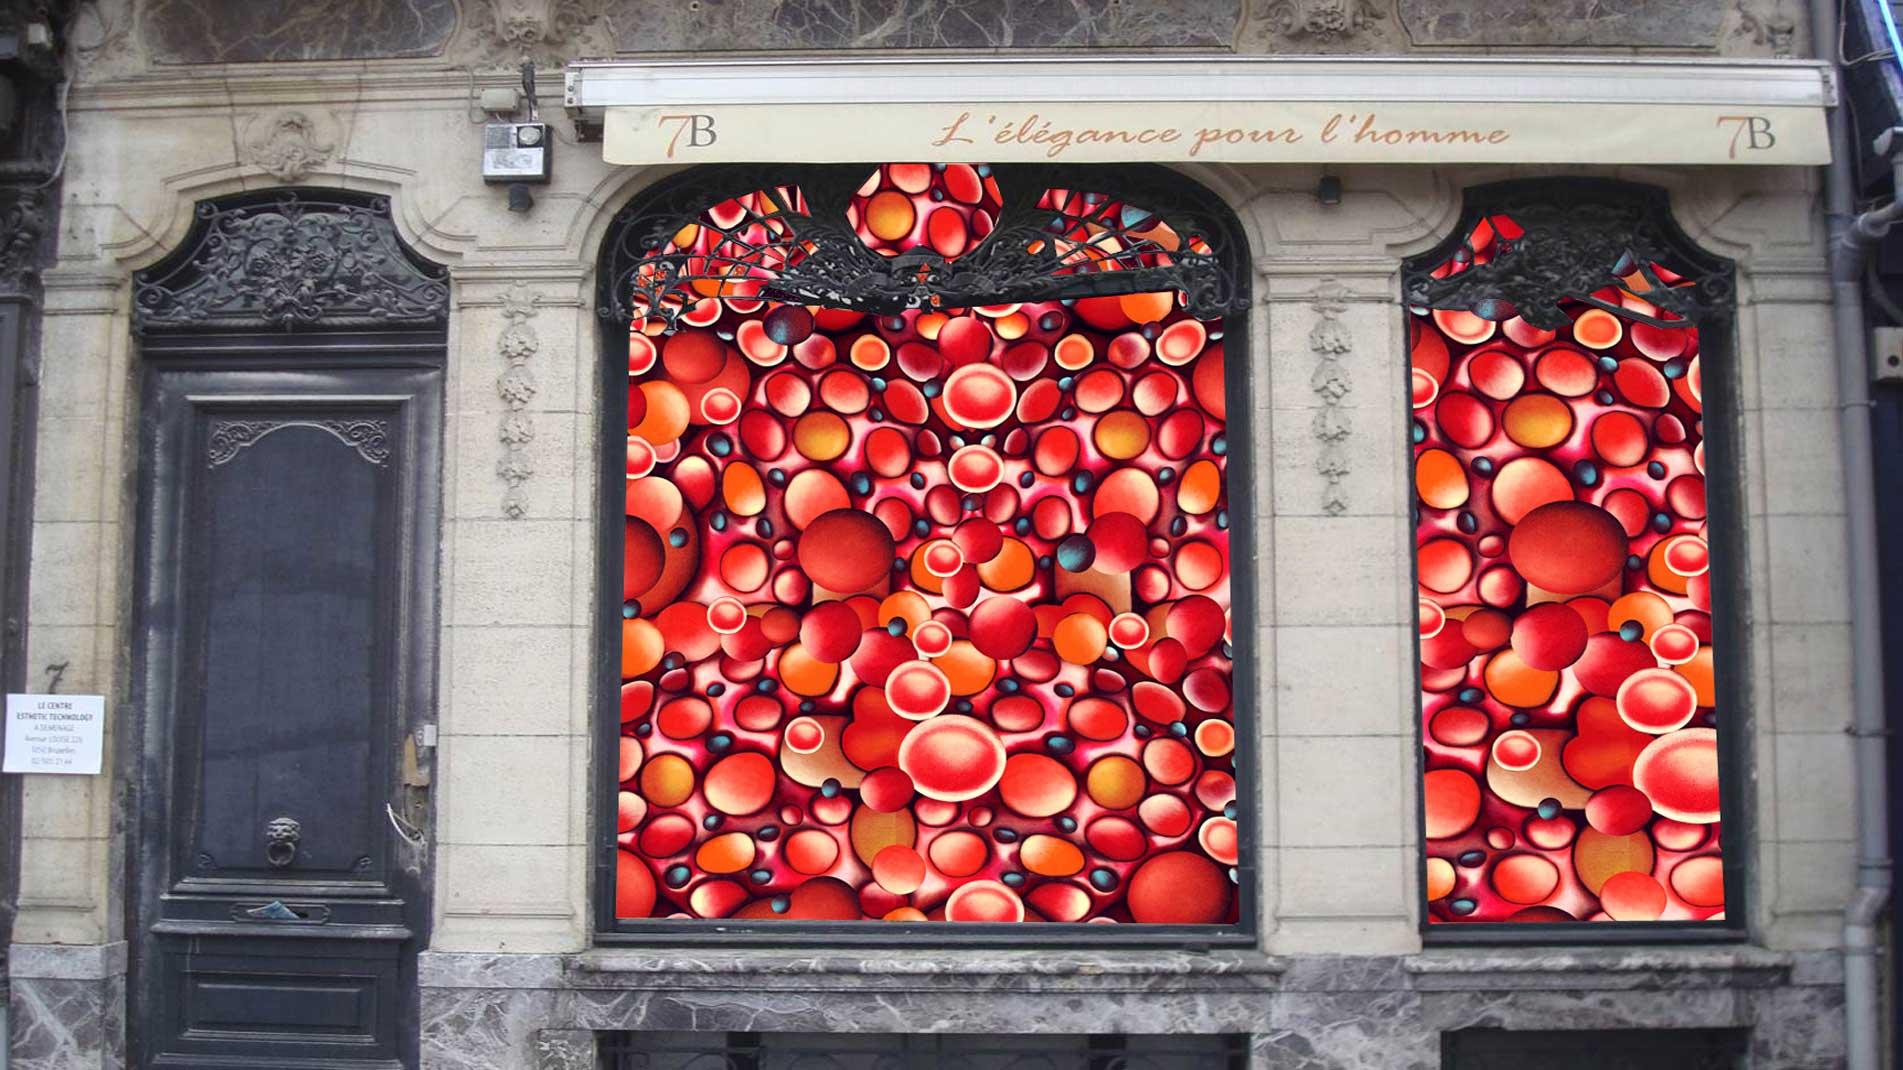 Installation de Guillaume Bottazzi à Bruxelles